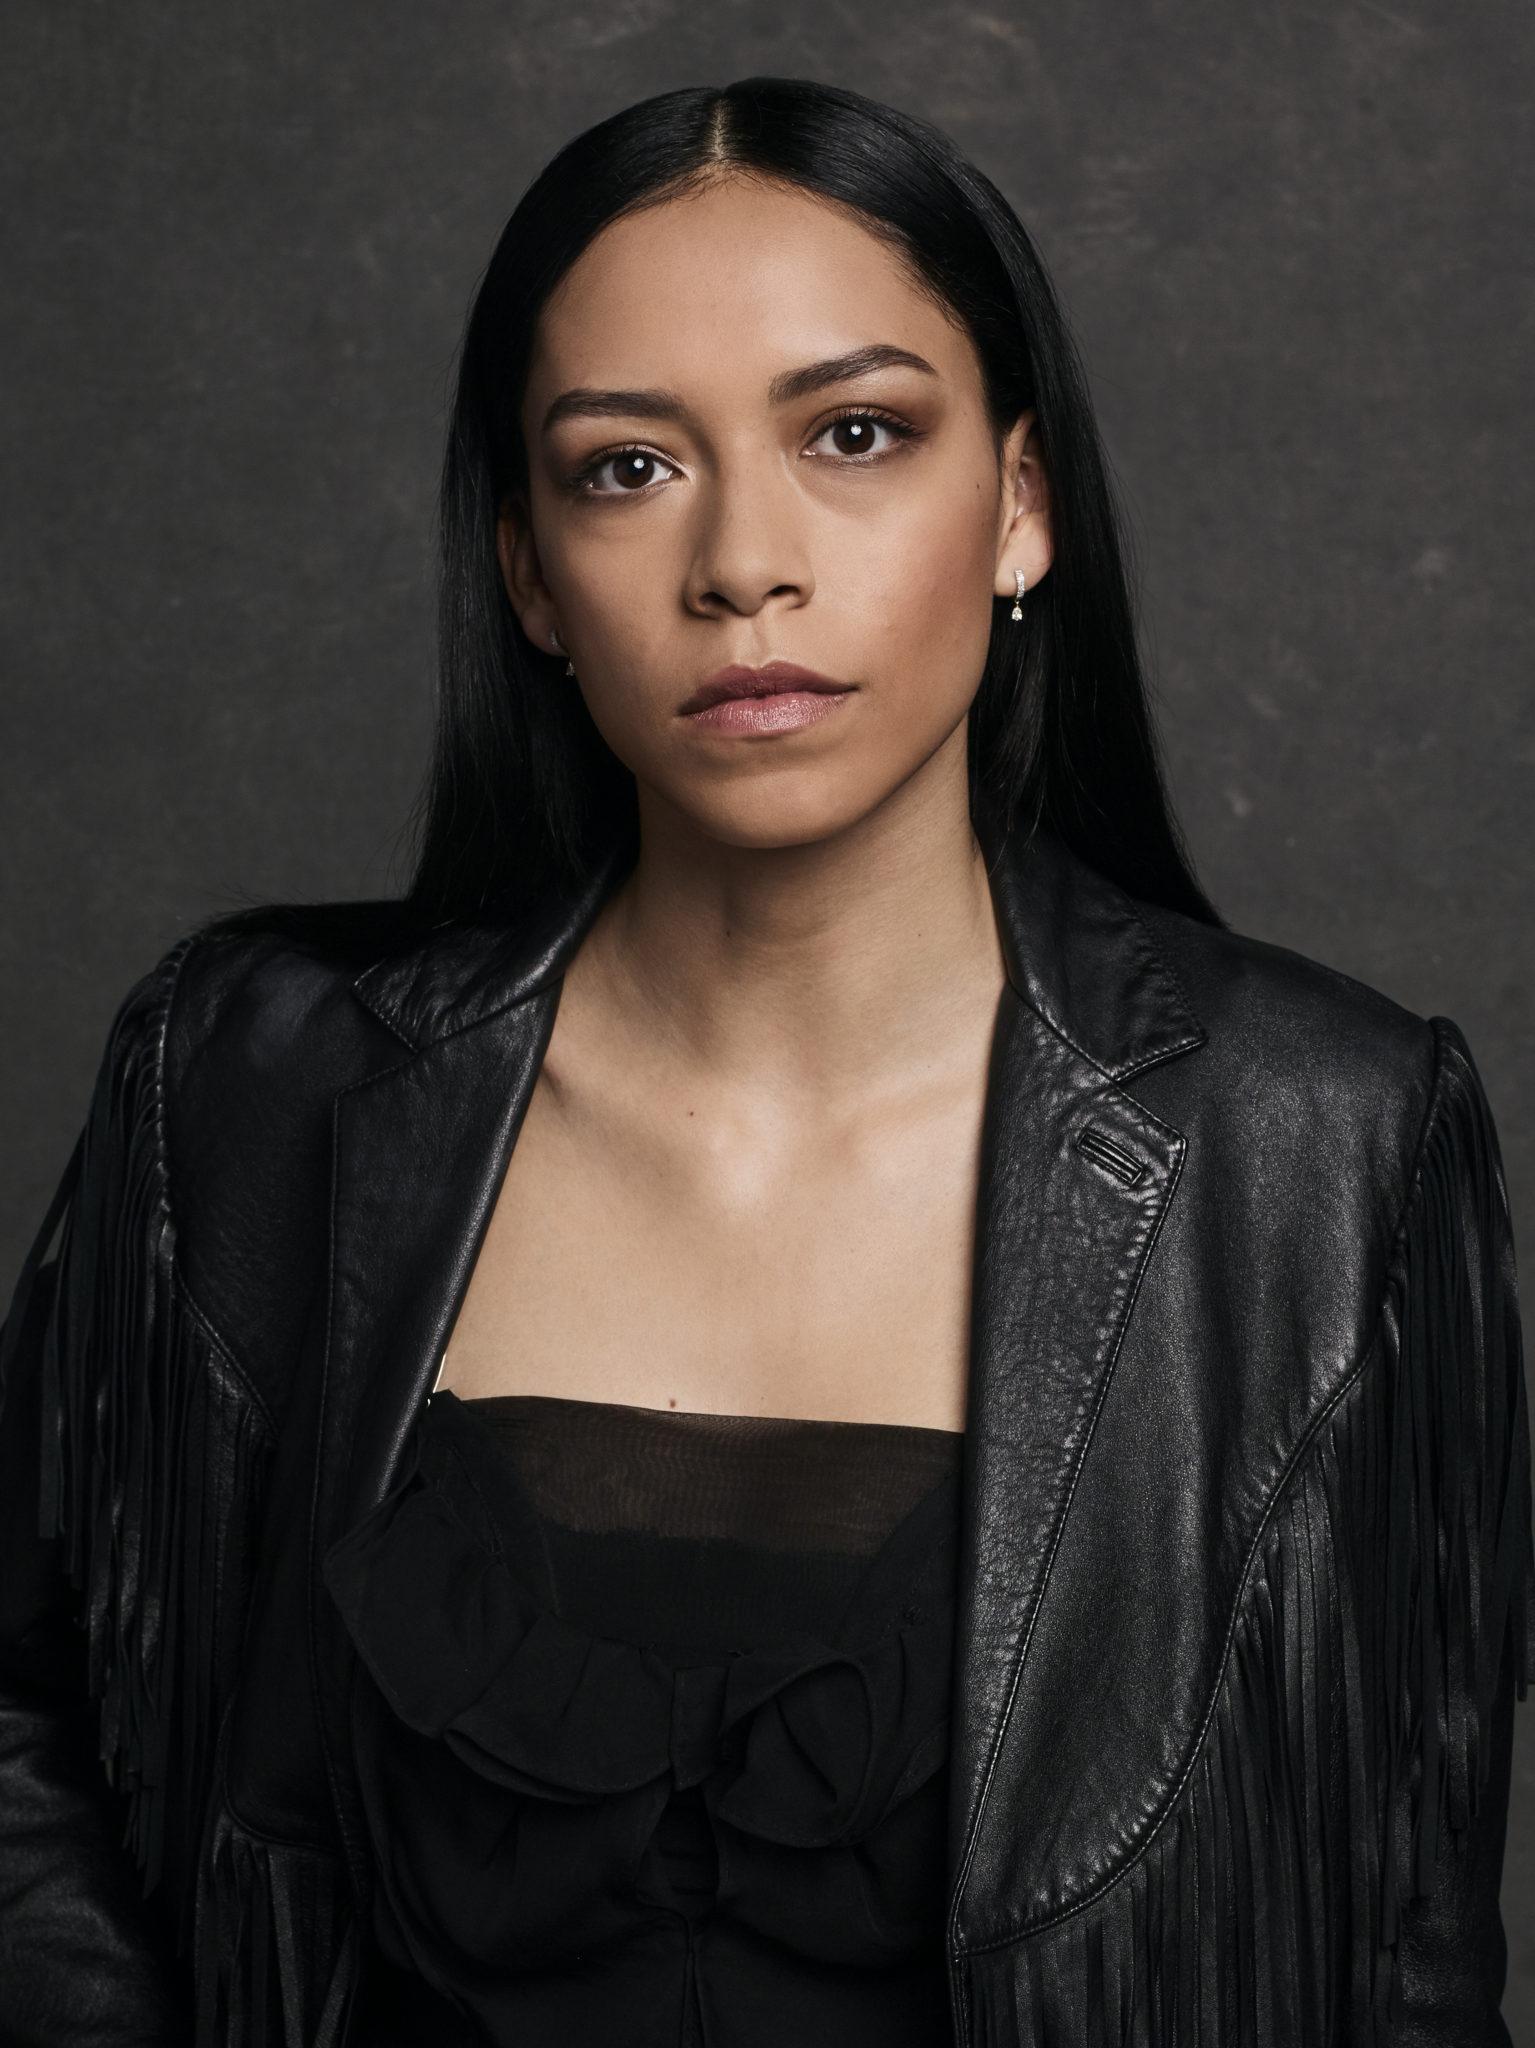 Chambers Sivan Alyra Rose «Chambers»: Conheça O Elenco Da Nova Série Da Netflix [Com Fotos]